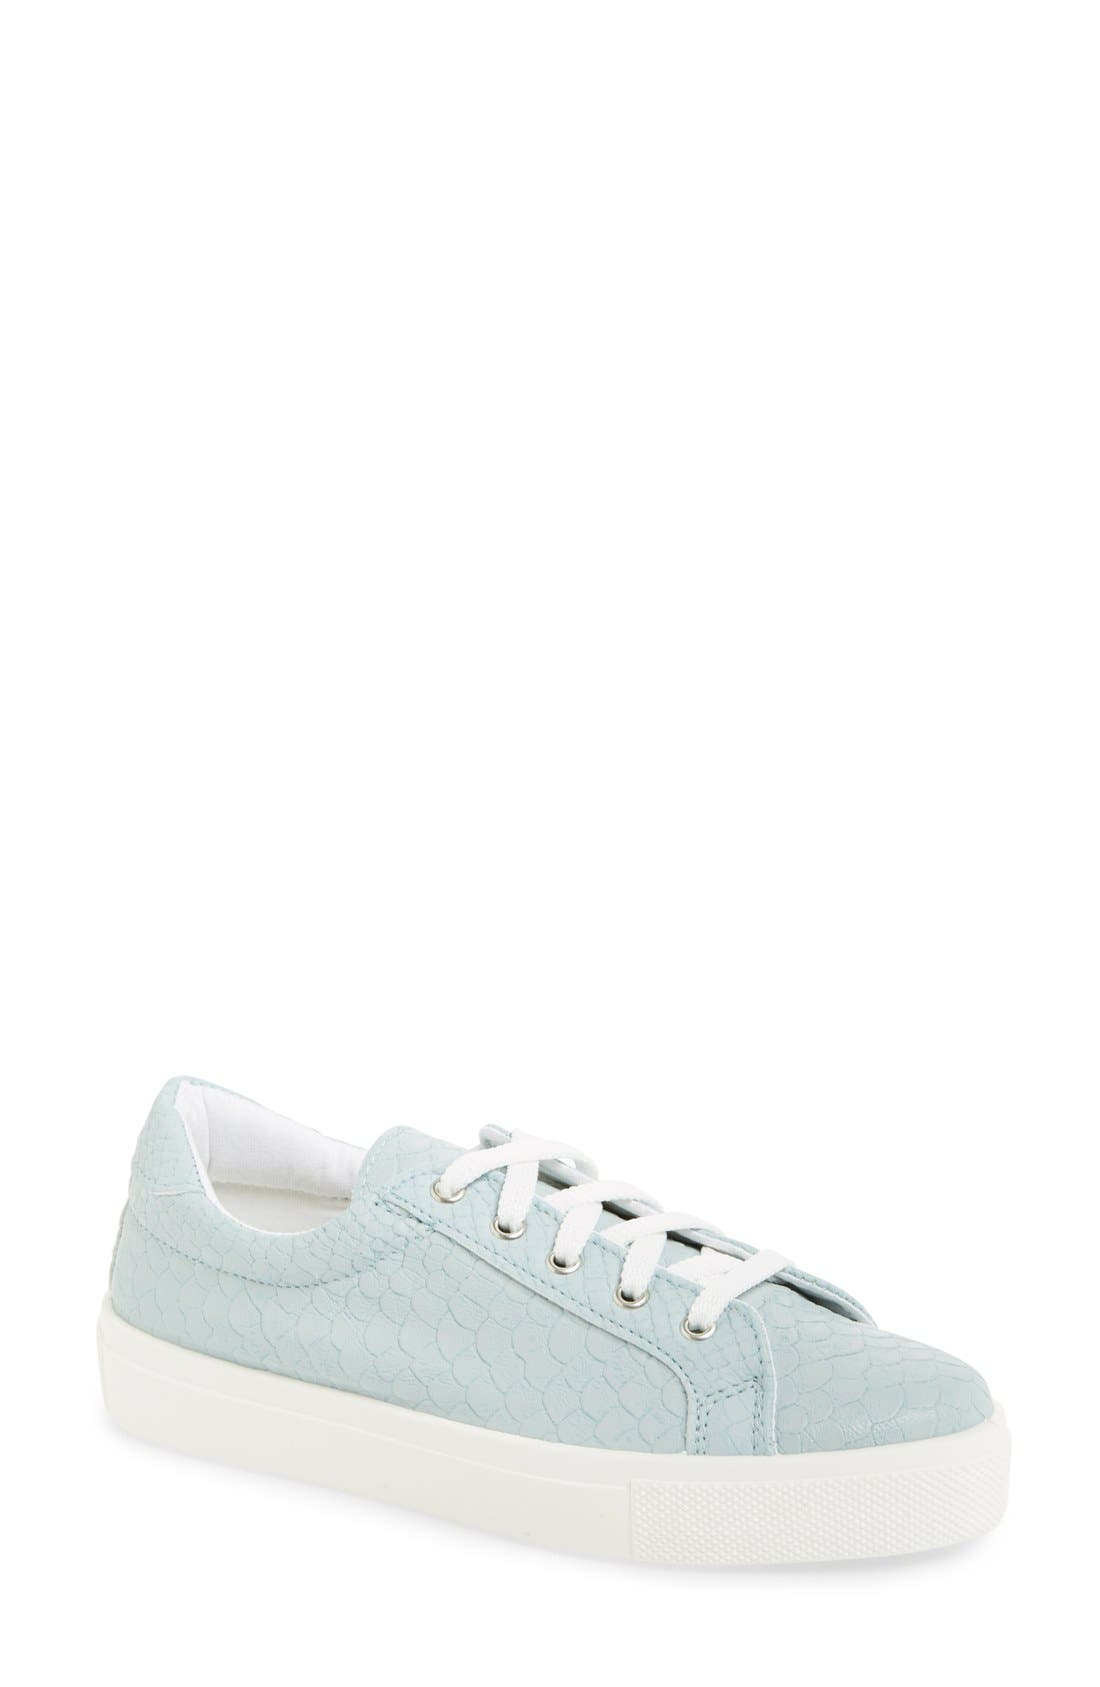 Main Image - Topshop 'Copenhagen' Sneaker (Women)